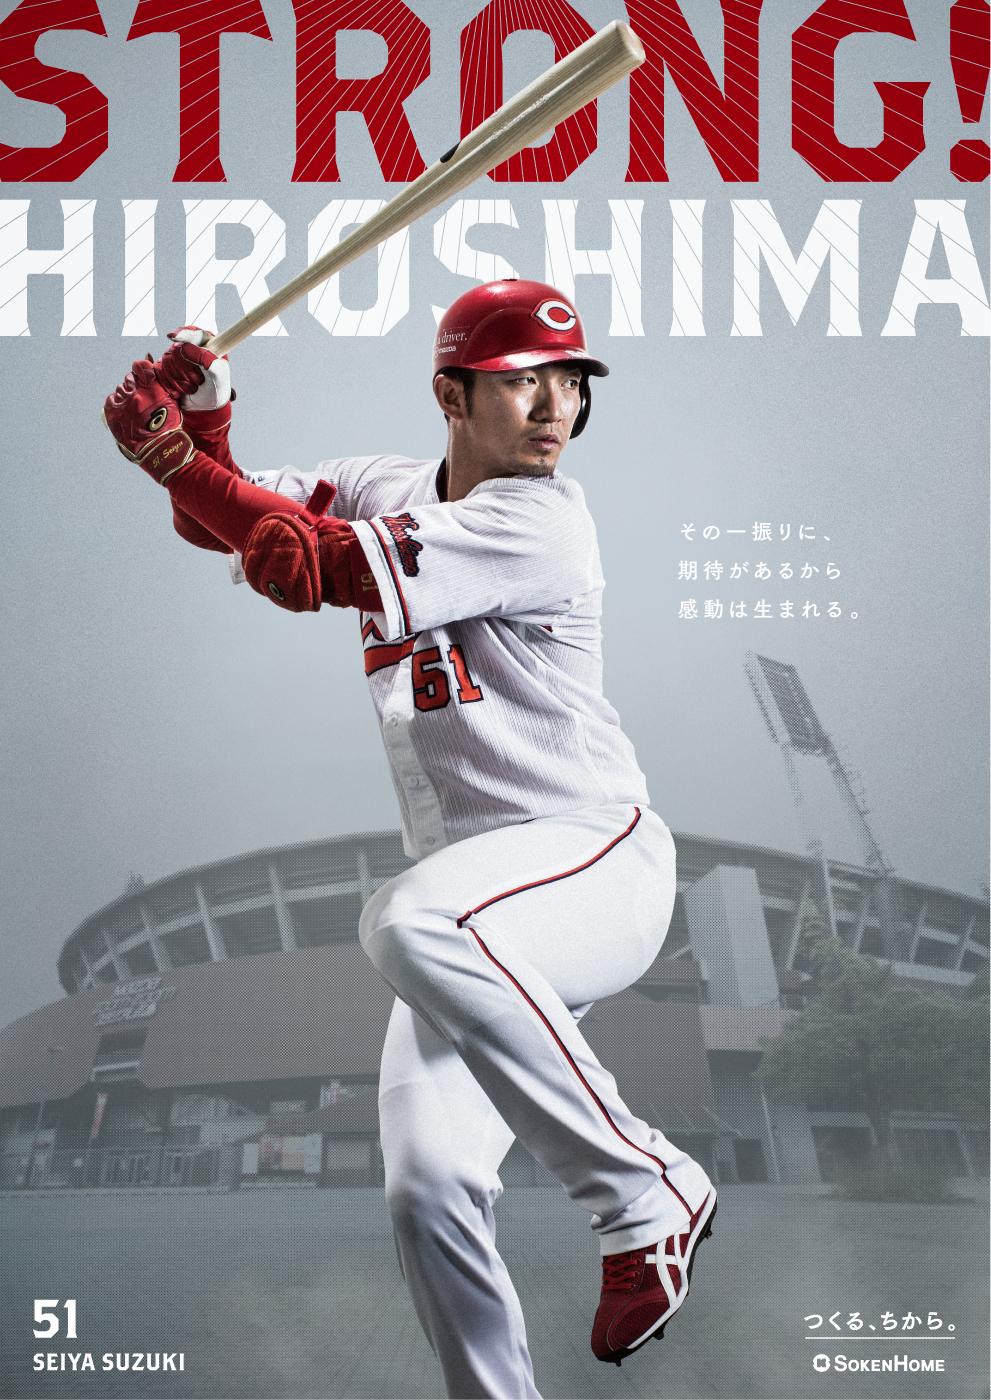 カープ「STRONG HIROSHIMA」鈴木 A2ポスター